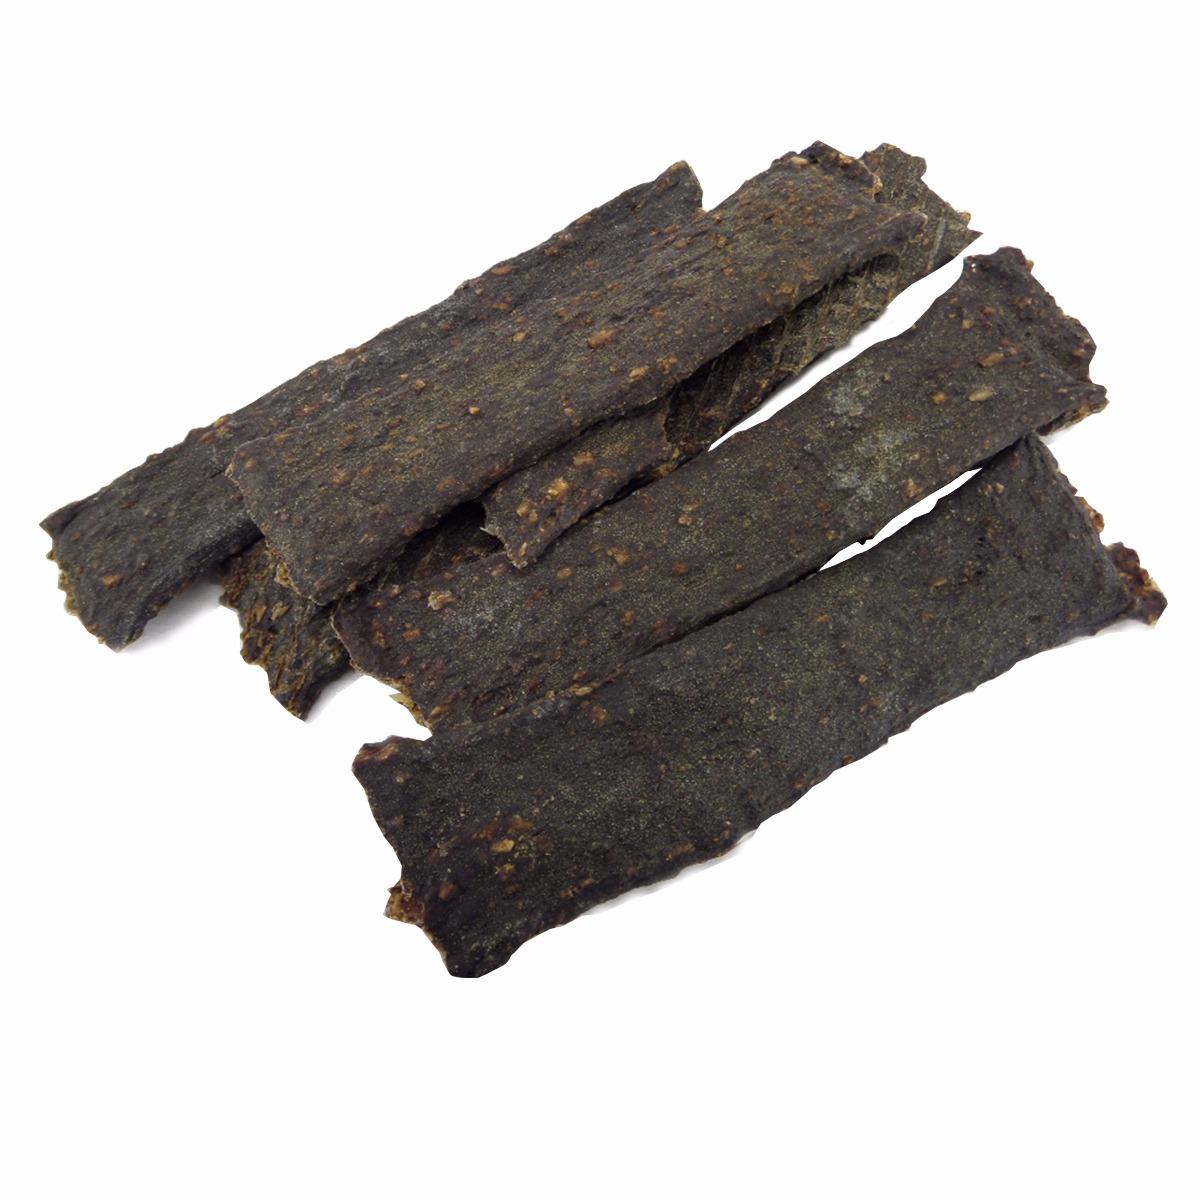 Deze strips van rundvlees zijn een smakelijke snack voor de allergische hond. De rundvleesstrips bevatten alleen 100% rundvlees. De vleesstrips zijn eenvoudig in kleinere stukken te breken waardoor ze naast als kauwsnack ook als beloningssnoepjes kunnen worden gebruikt.  Hondensnack van rundvlees Geen geur- kleur- smaakstoffen Graanvrij; 100% rundvlees  Inhoud: 100 gram